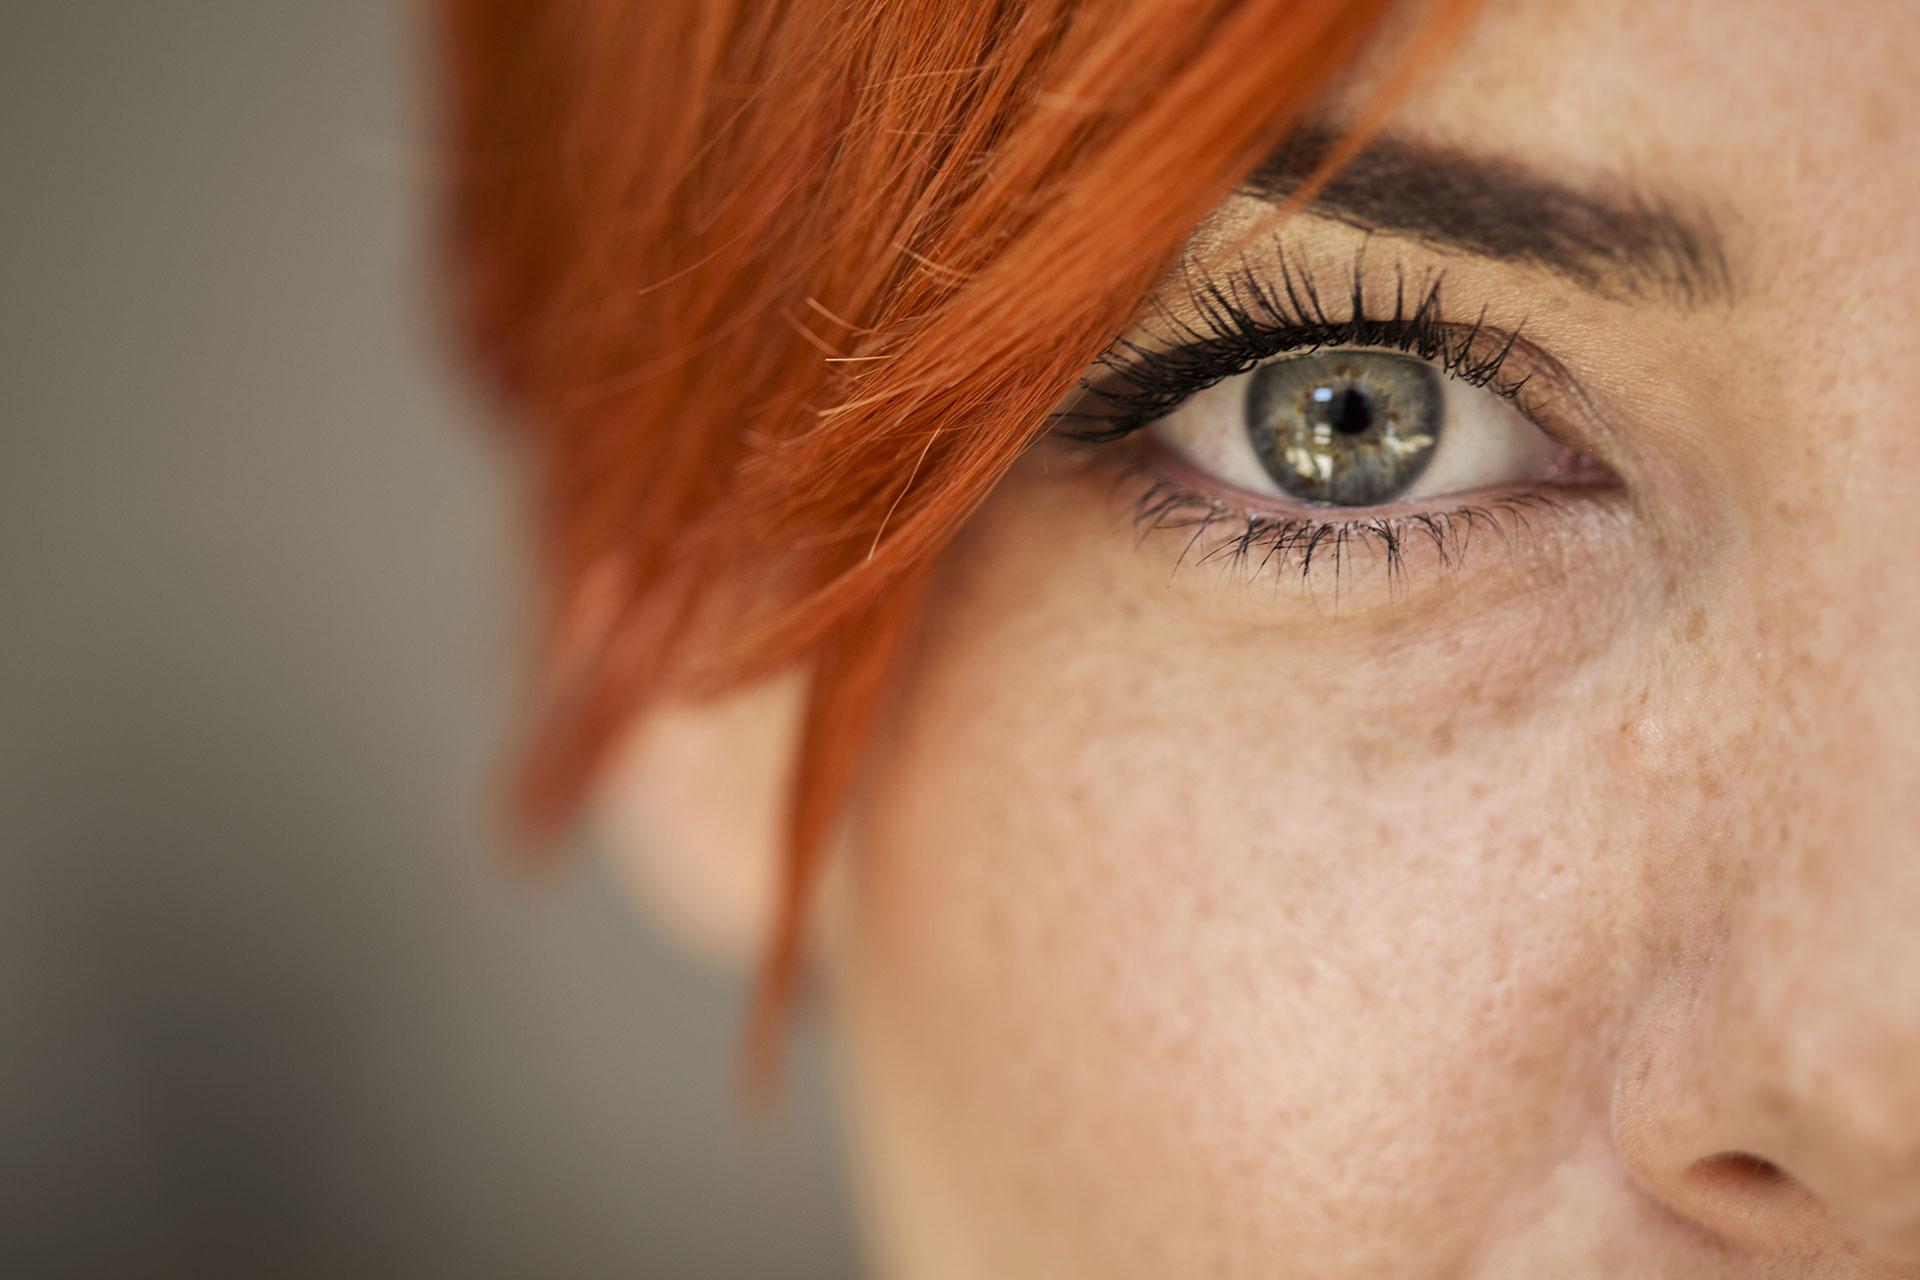 Mi, micsoda a szemészeti szakzsargonban? 2. rész